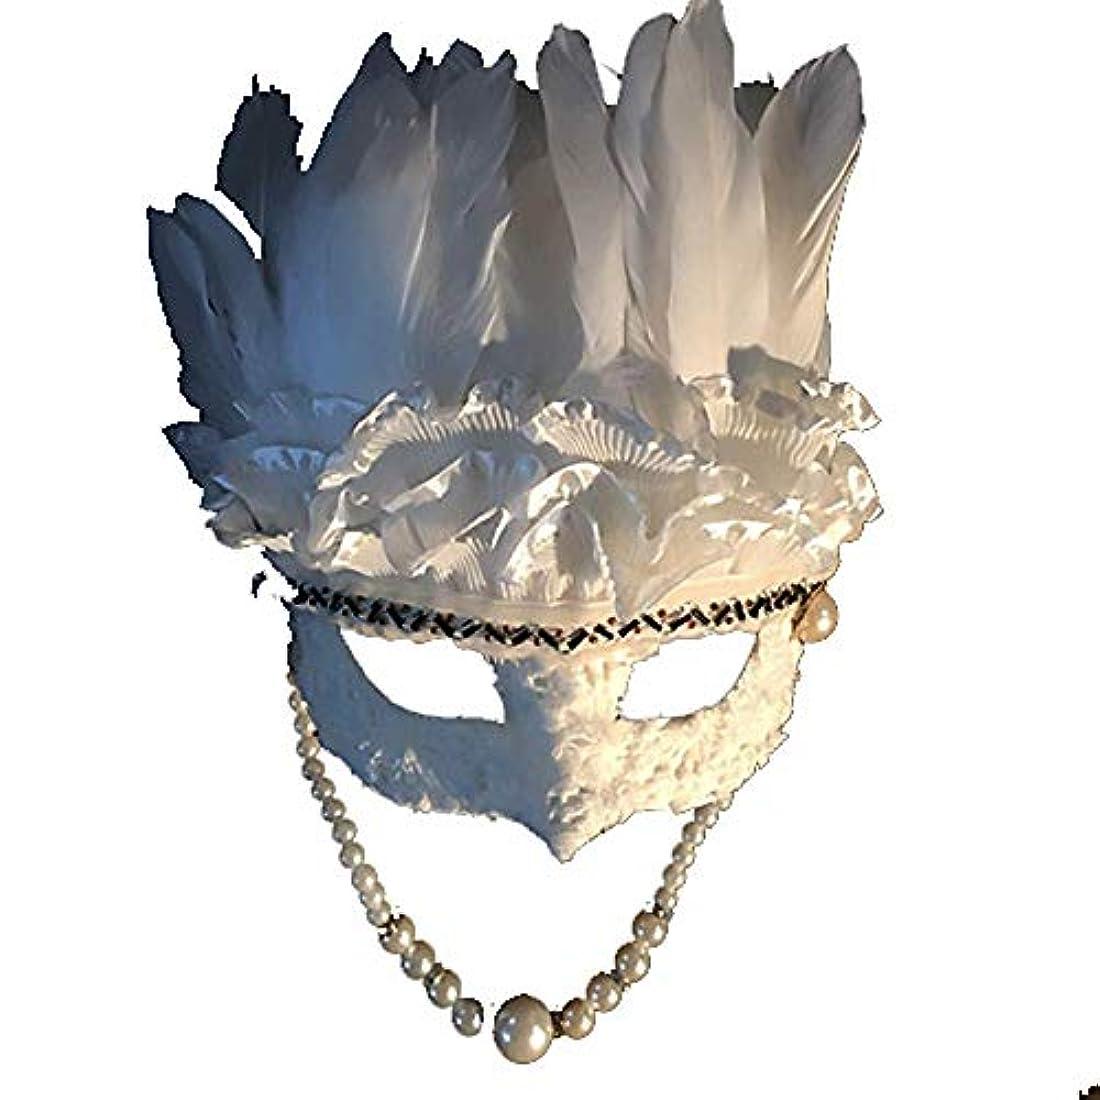 可動式気を散らす線Nanle ハロウィンクリスマスフェザースパンコール刺繍ビーズマスク仮装マスクレディミスプリンセス美容祭パーティーデコレーションマスク